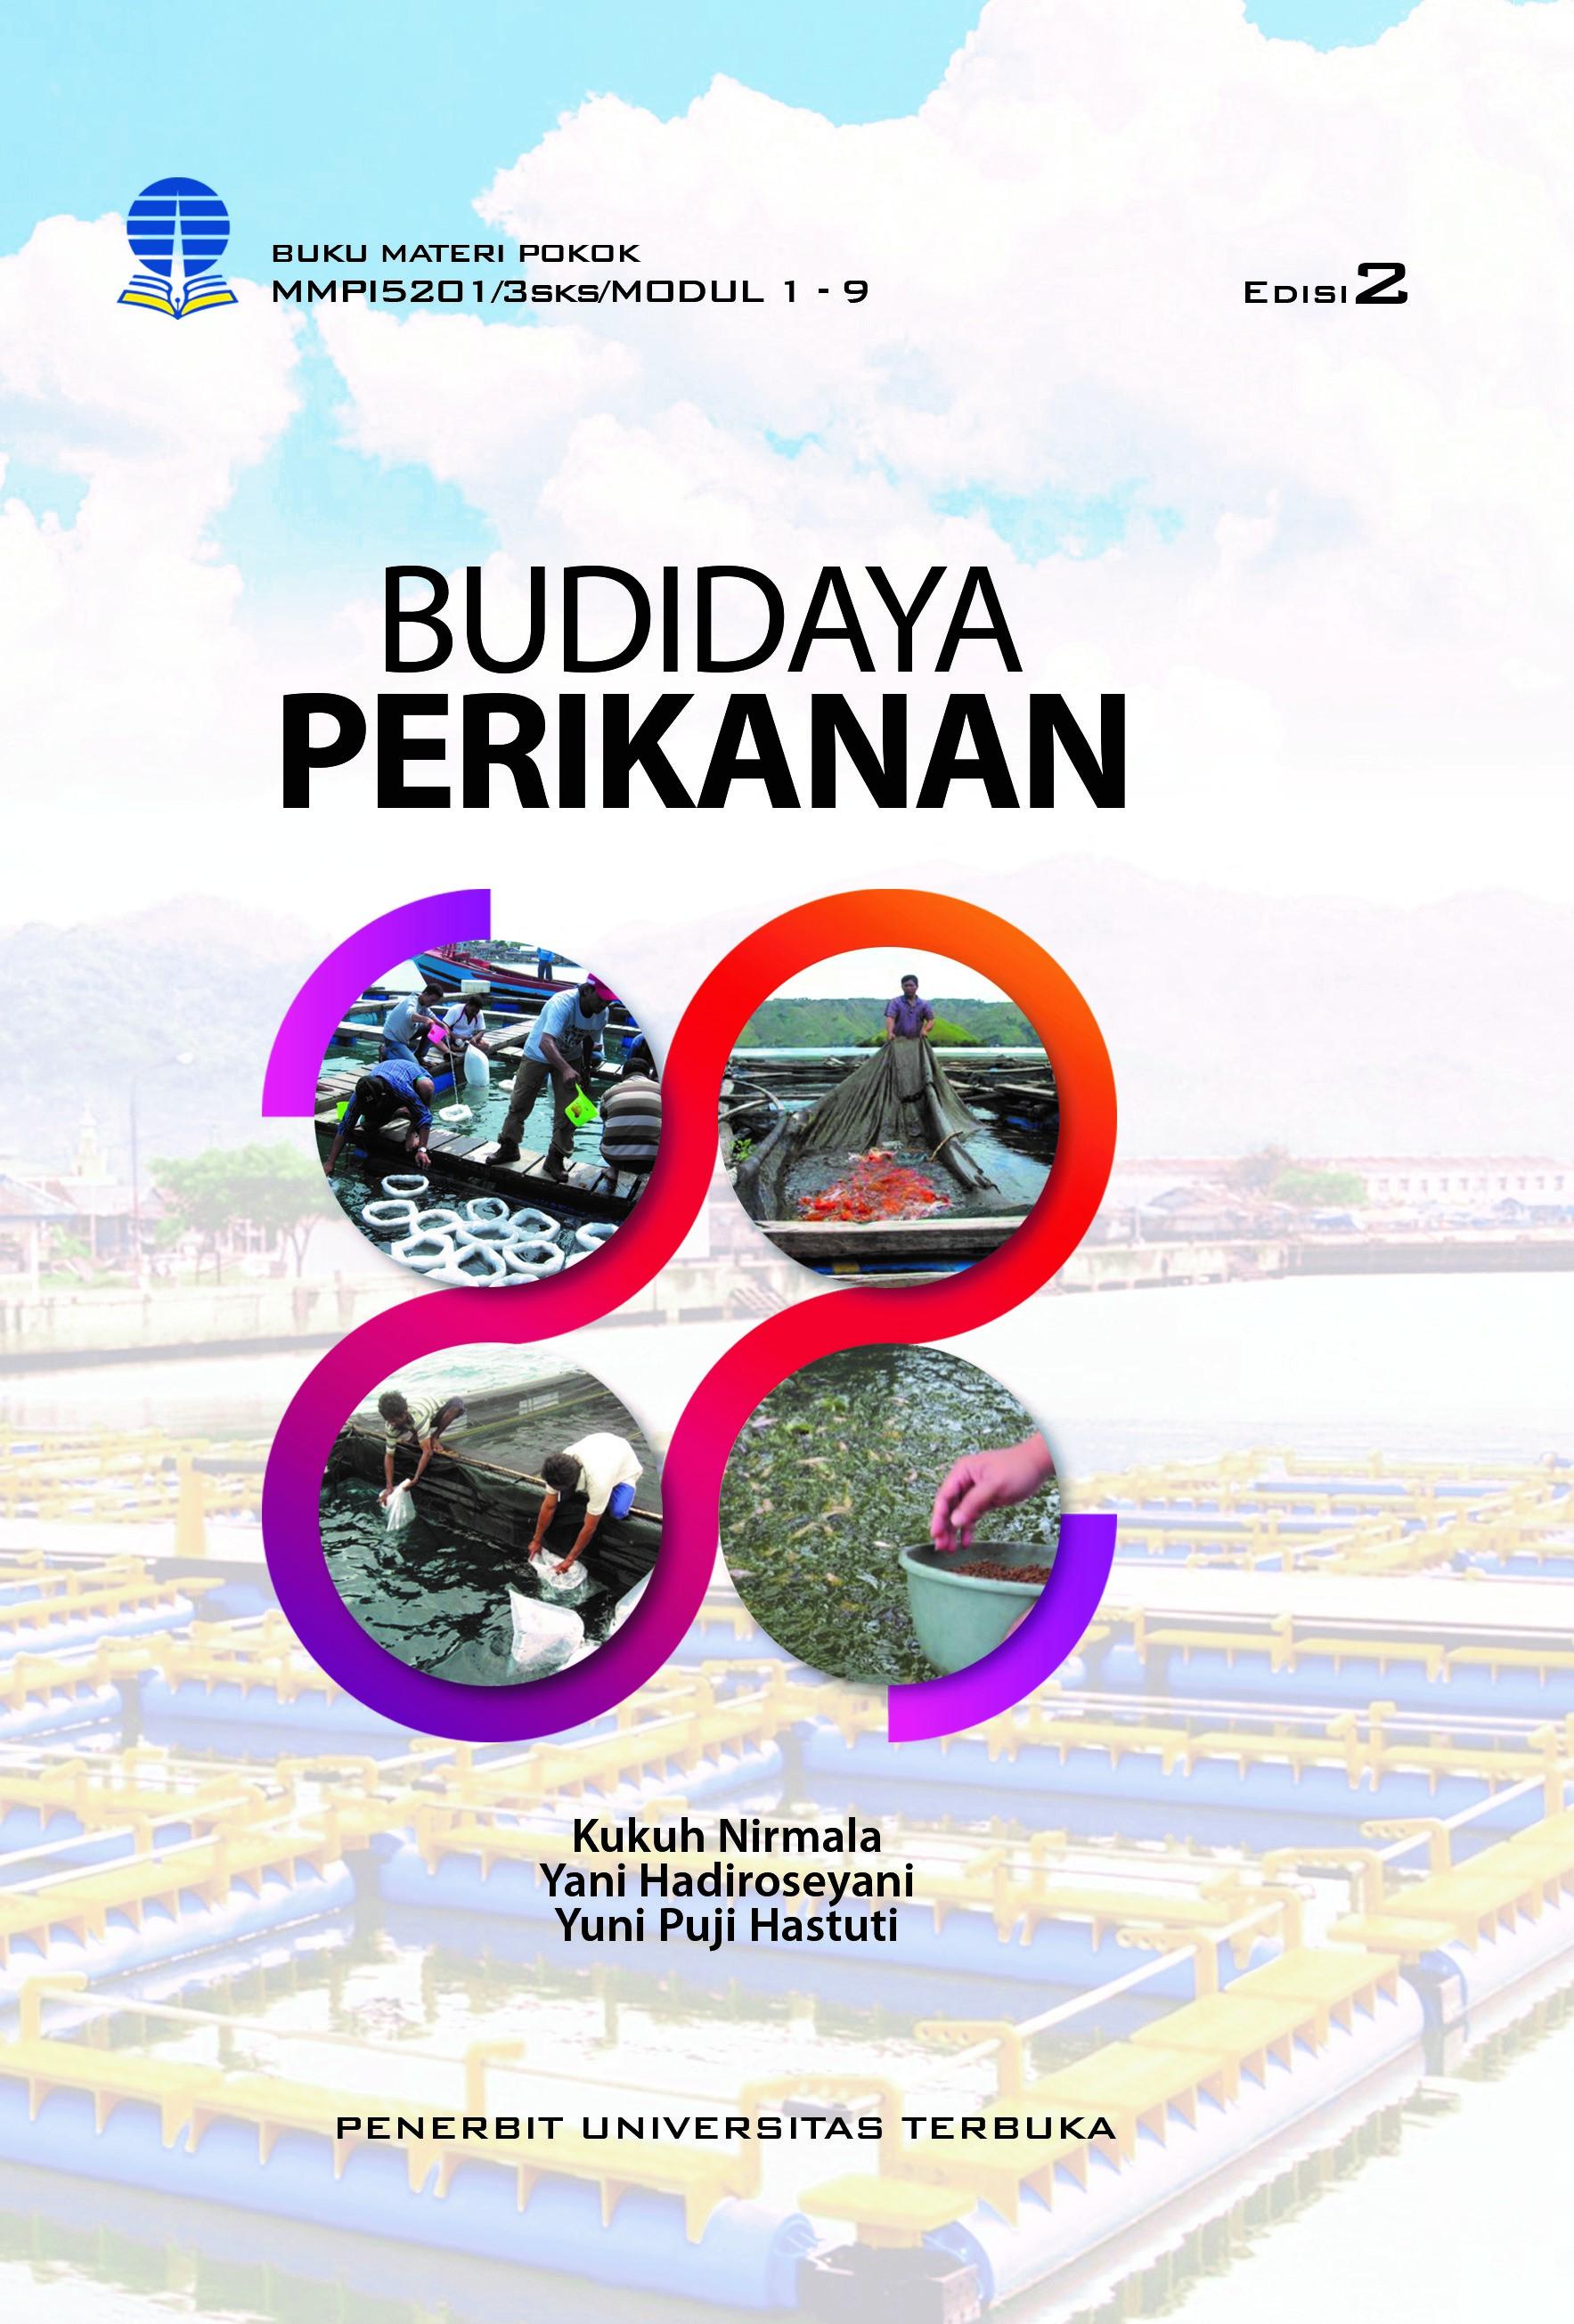 MMPI520102 - Budidaya Perikanan